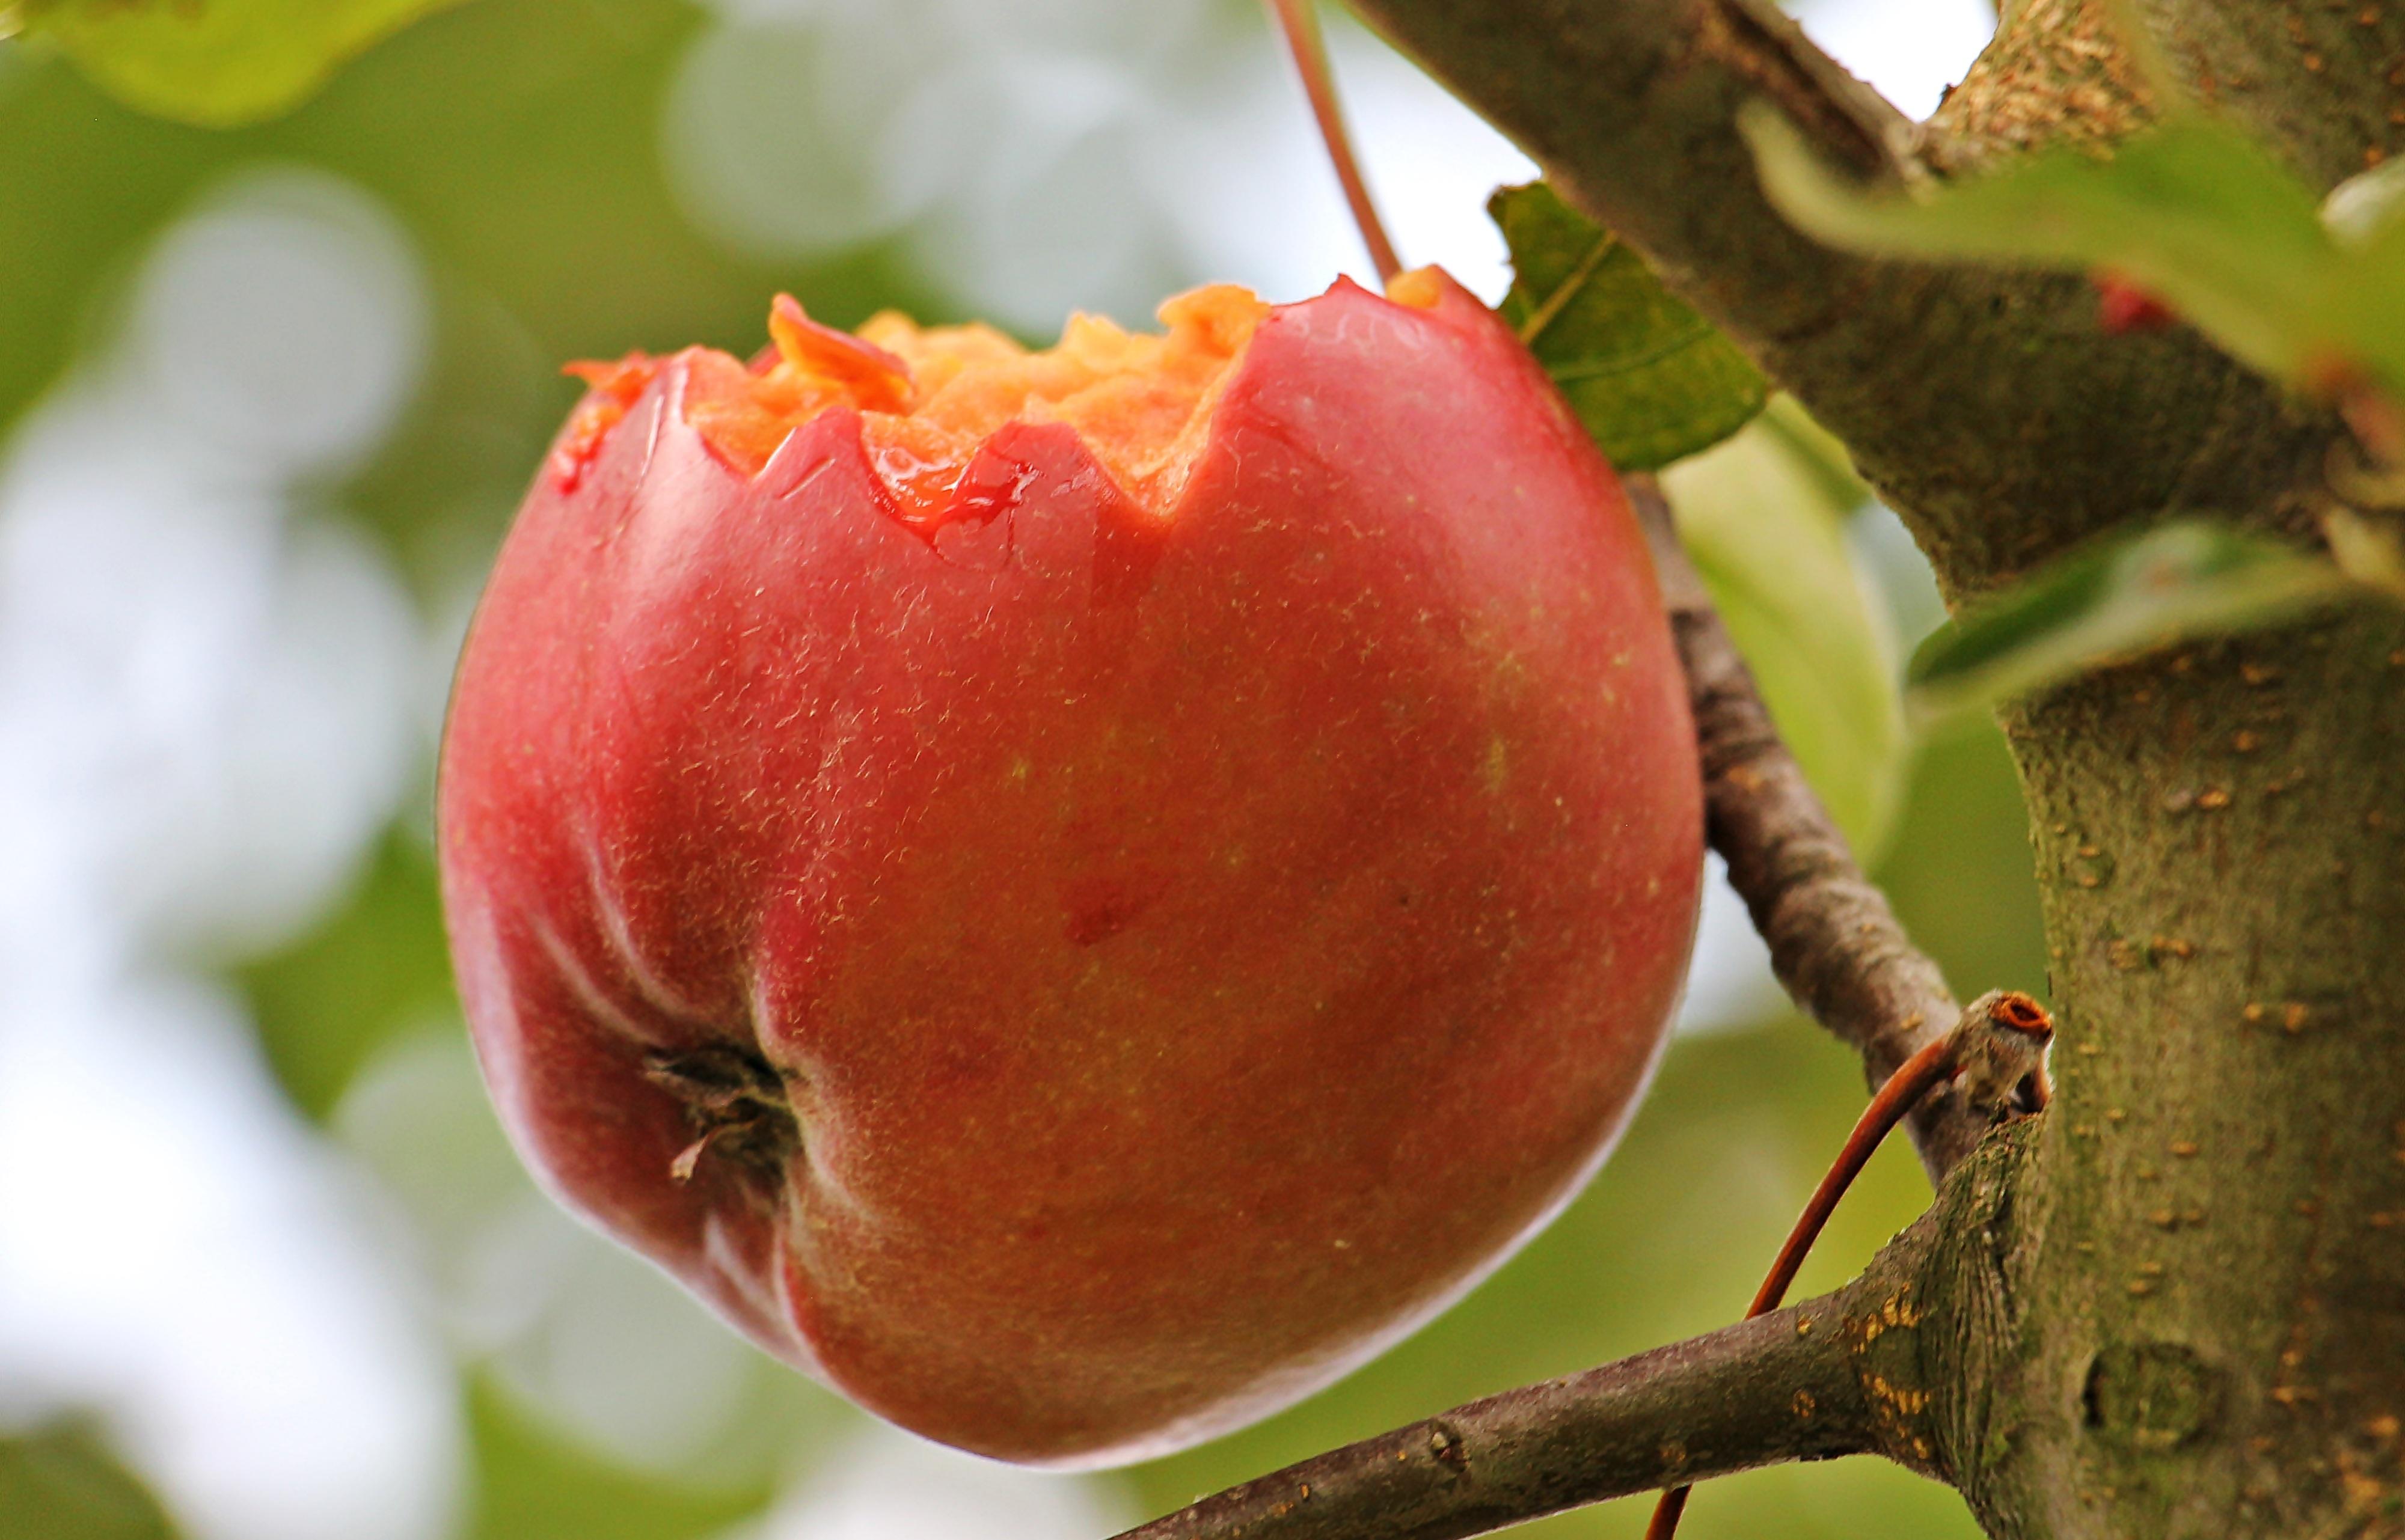 Eaten apple photo